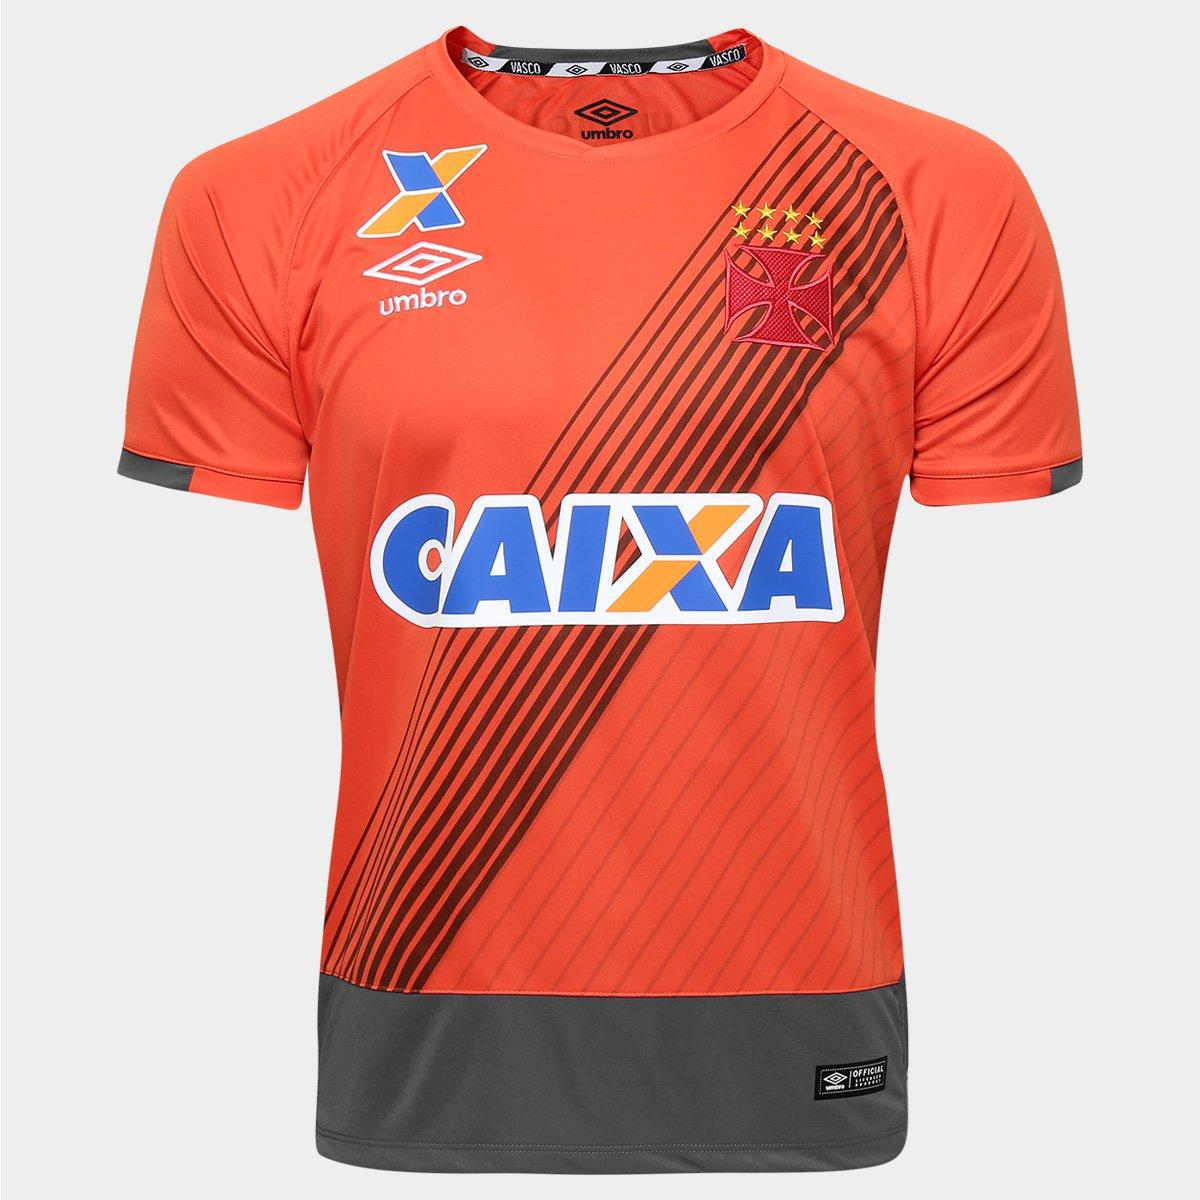 0b6dbe7bec43c Camisa Vasco Goleiro 16 17 s nº - Torcedor Umbro Masculina - Compre Agora